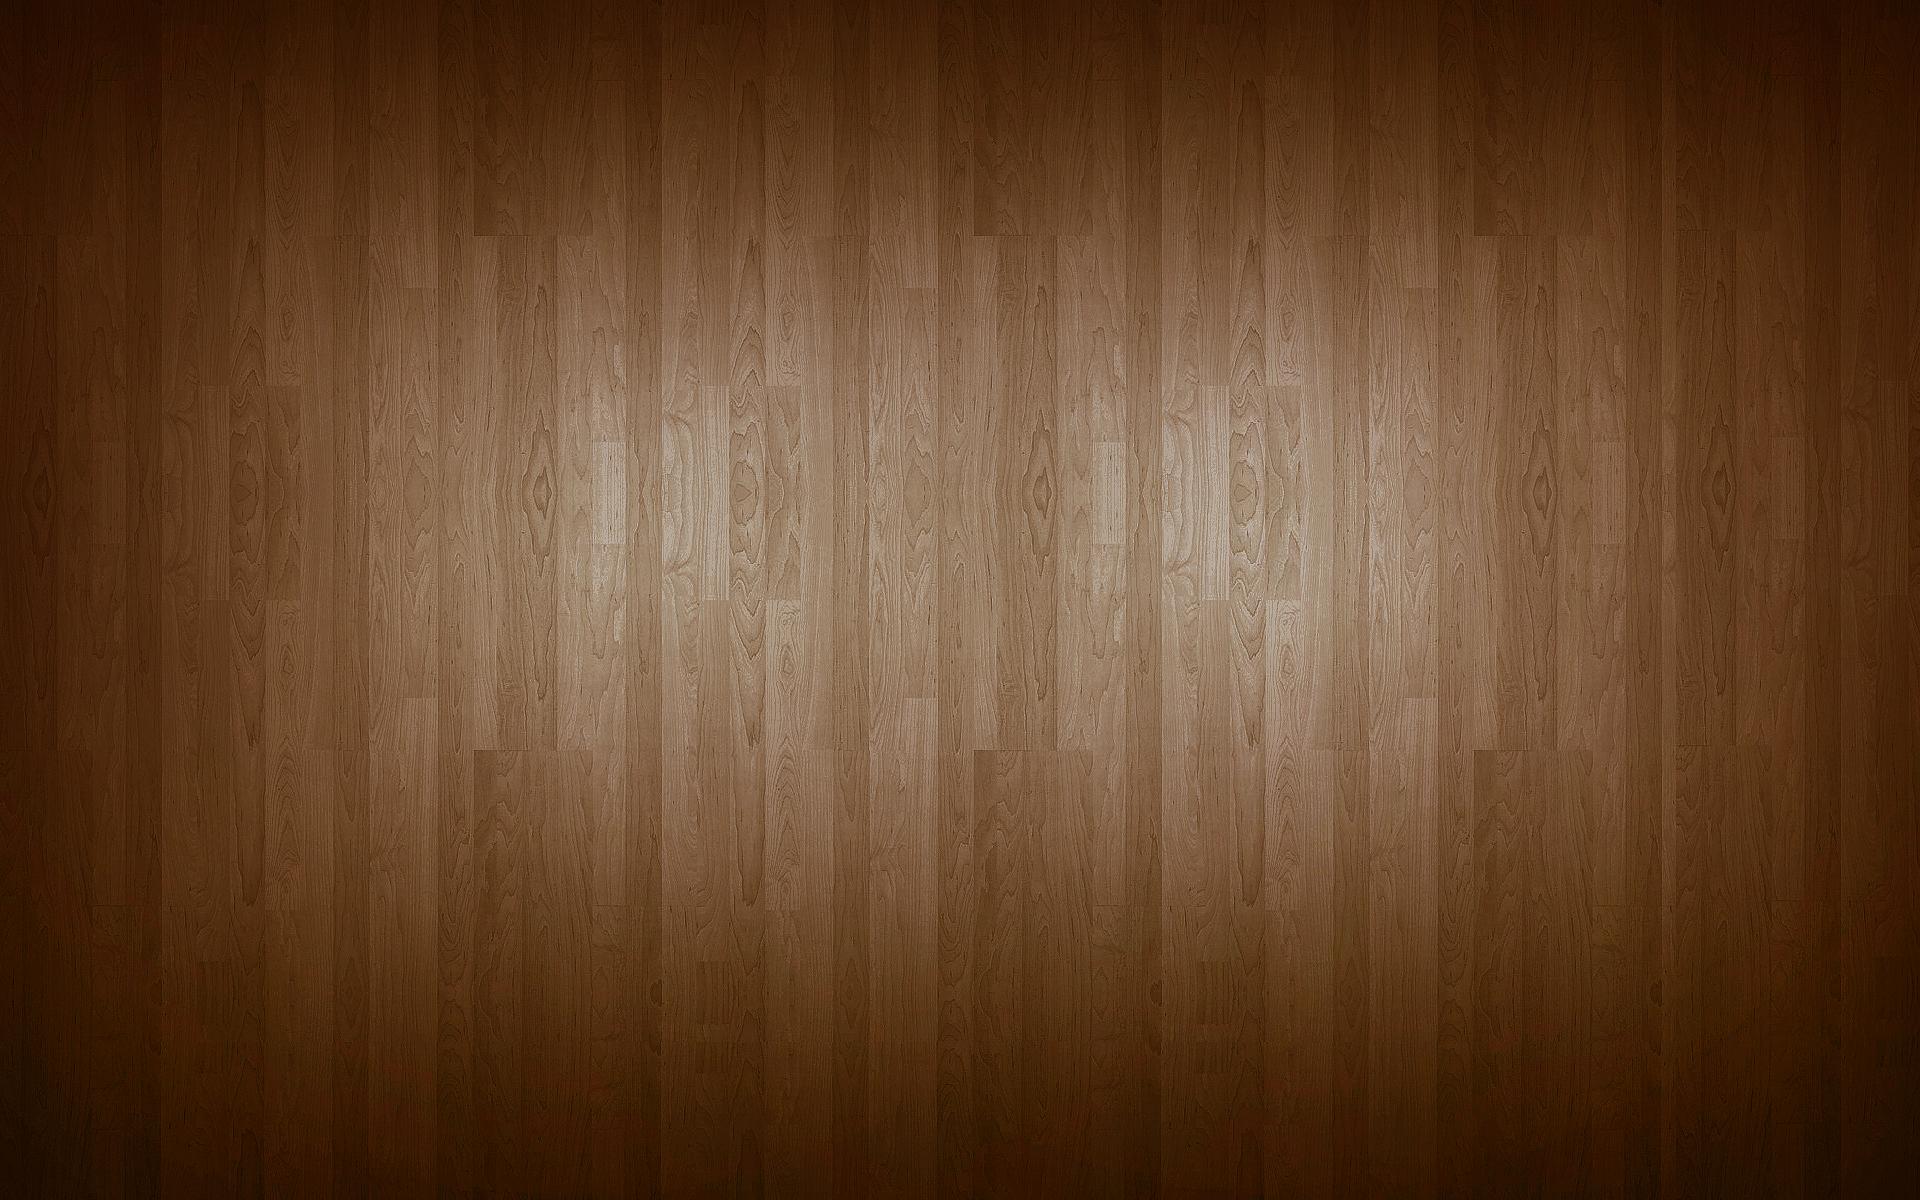 Текстура коричневая паркет без смс